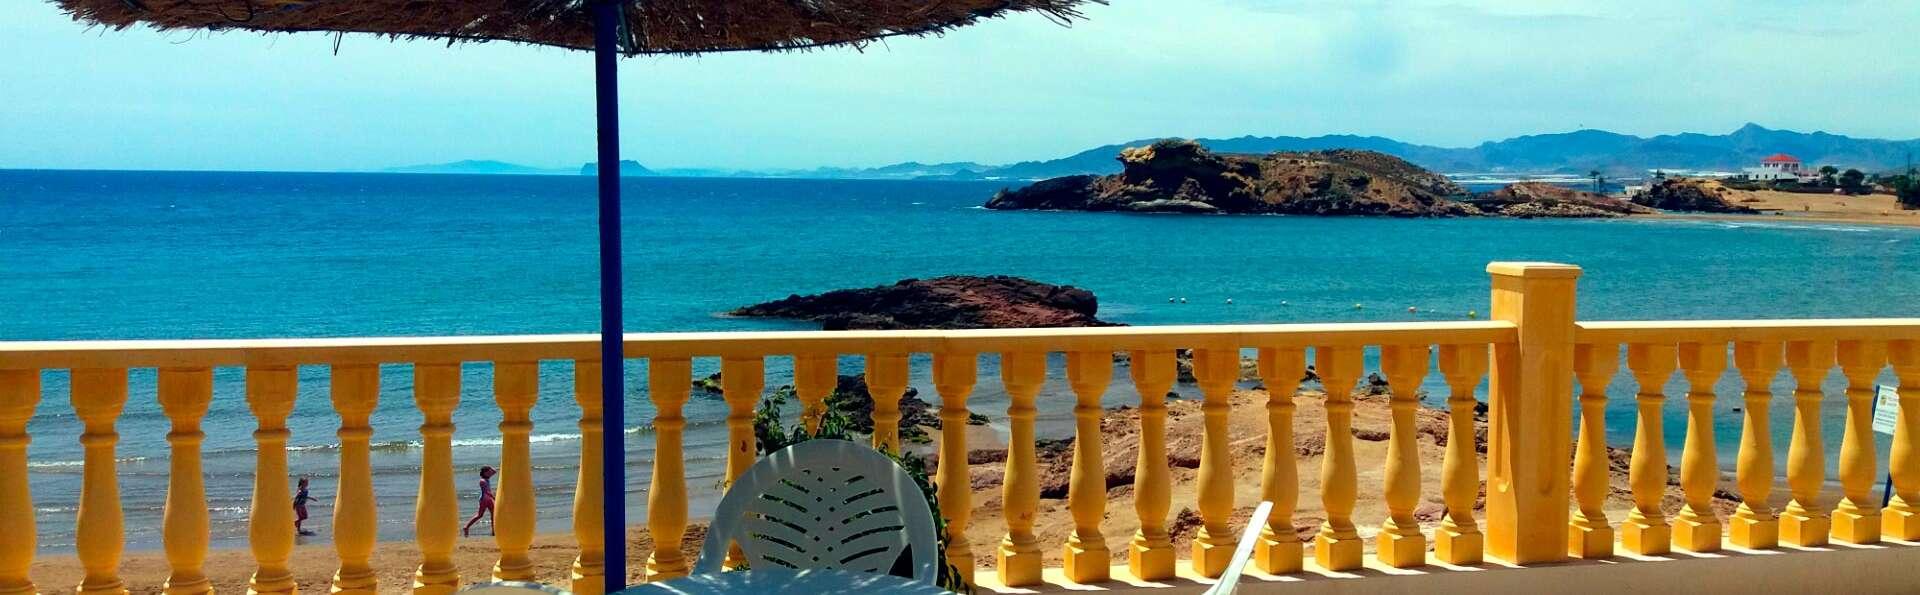 Séjour face à la mer à Puerto de Mazarrón